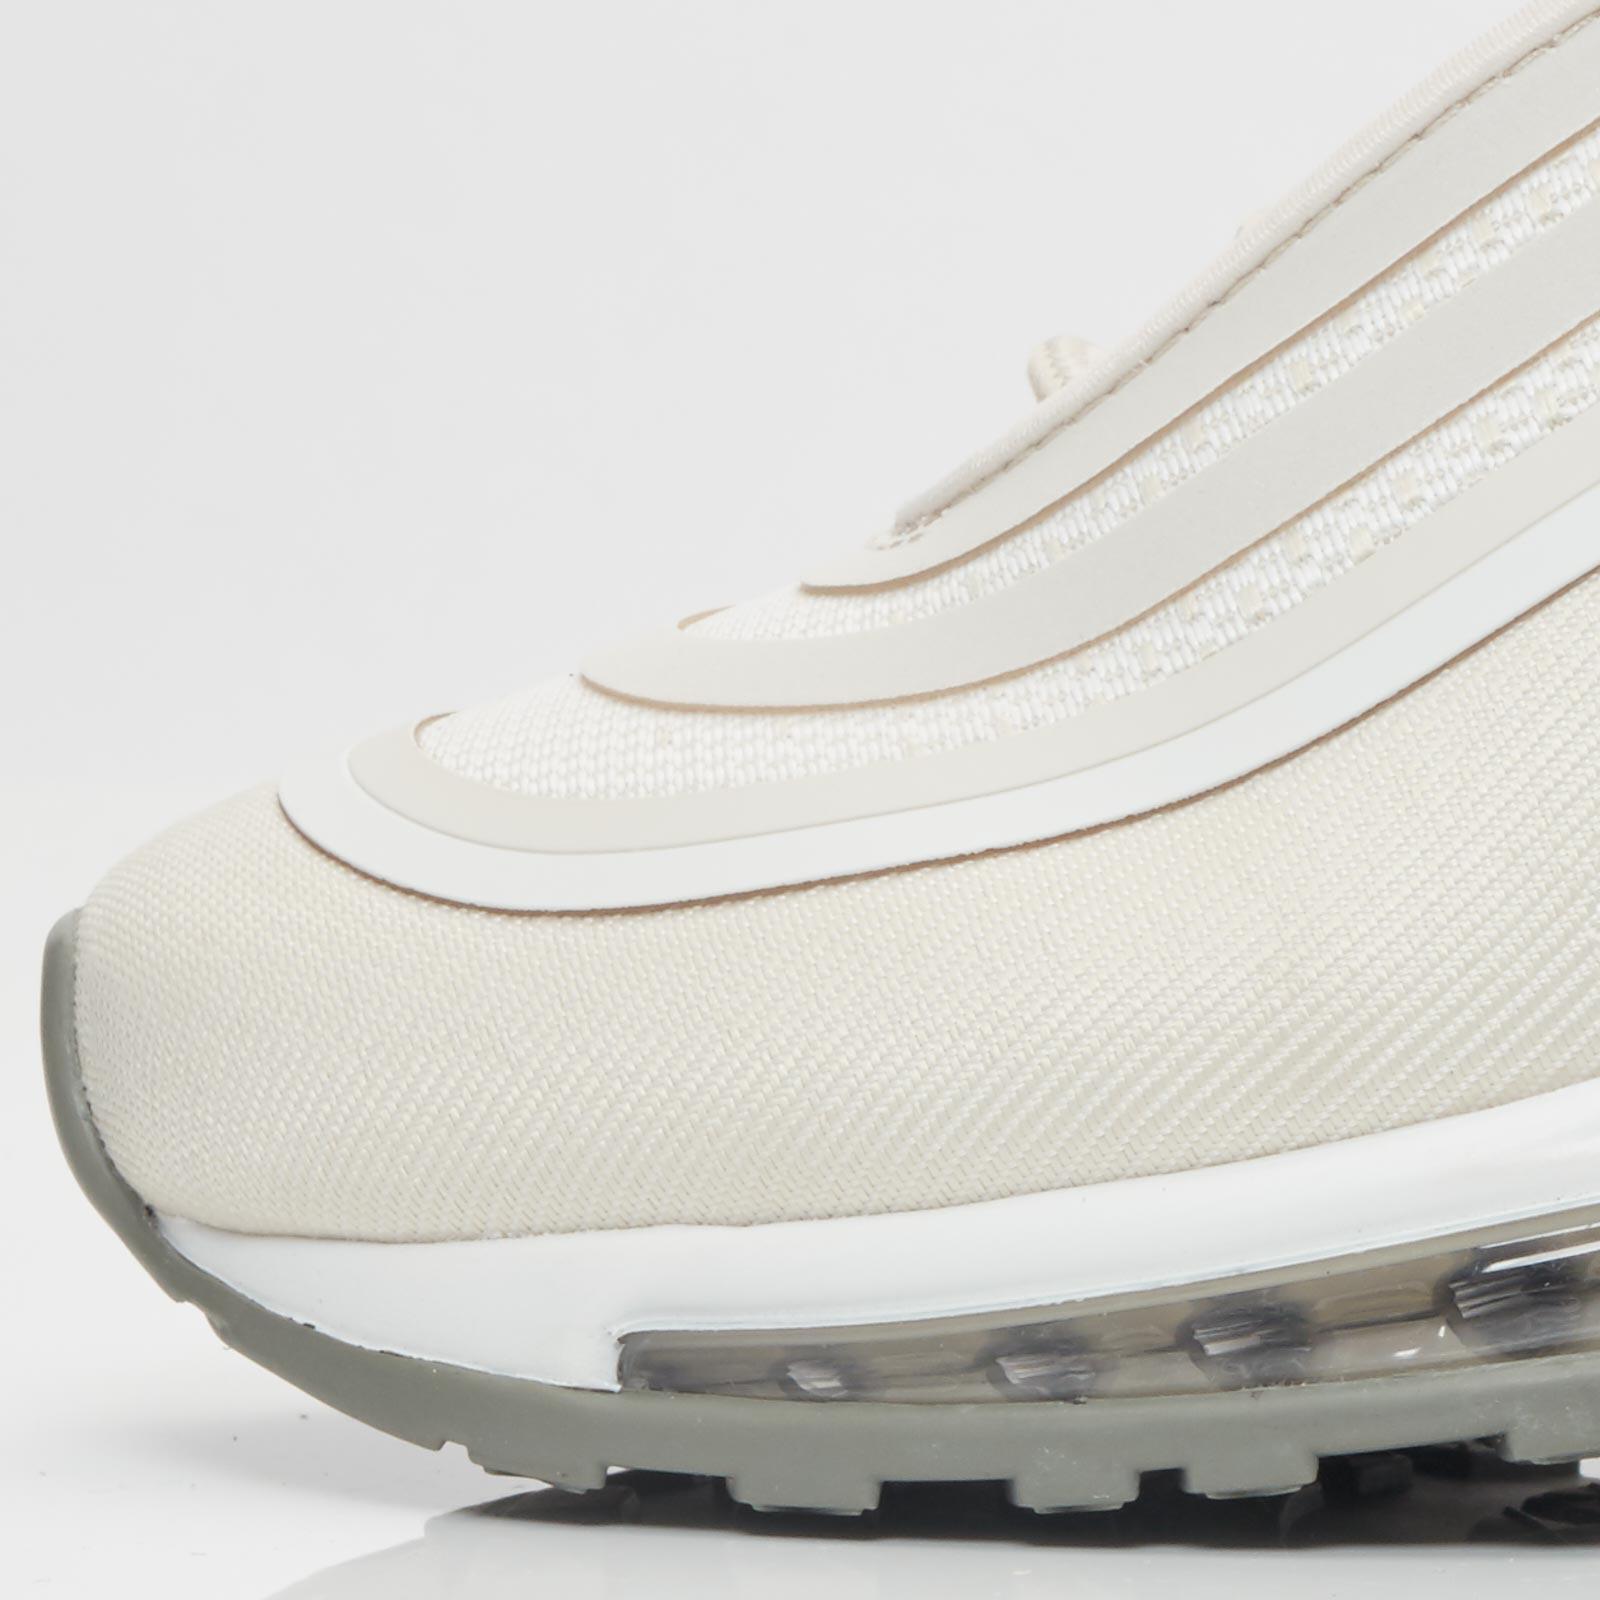 1c2fc4b4206e Nike Wmns Air Max 97 UL 17 - 917704-100 - Sneakersnstuff